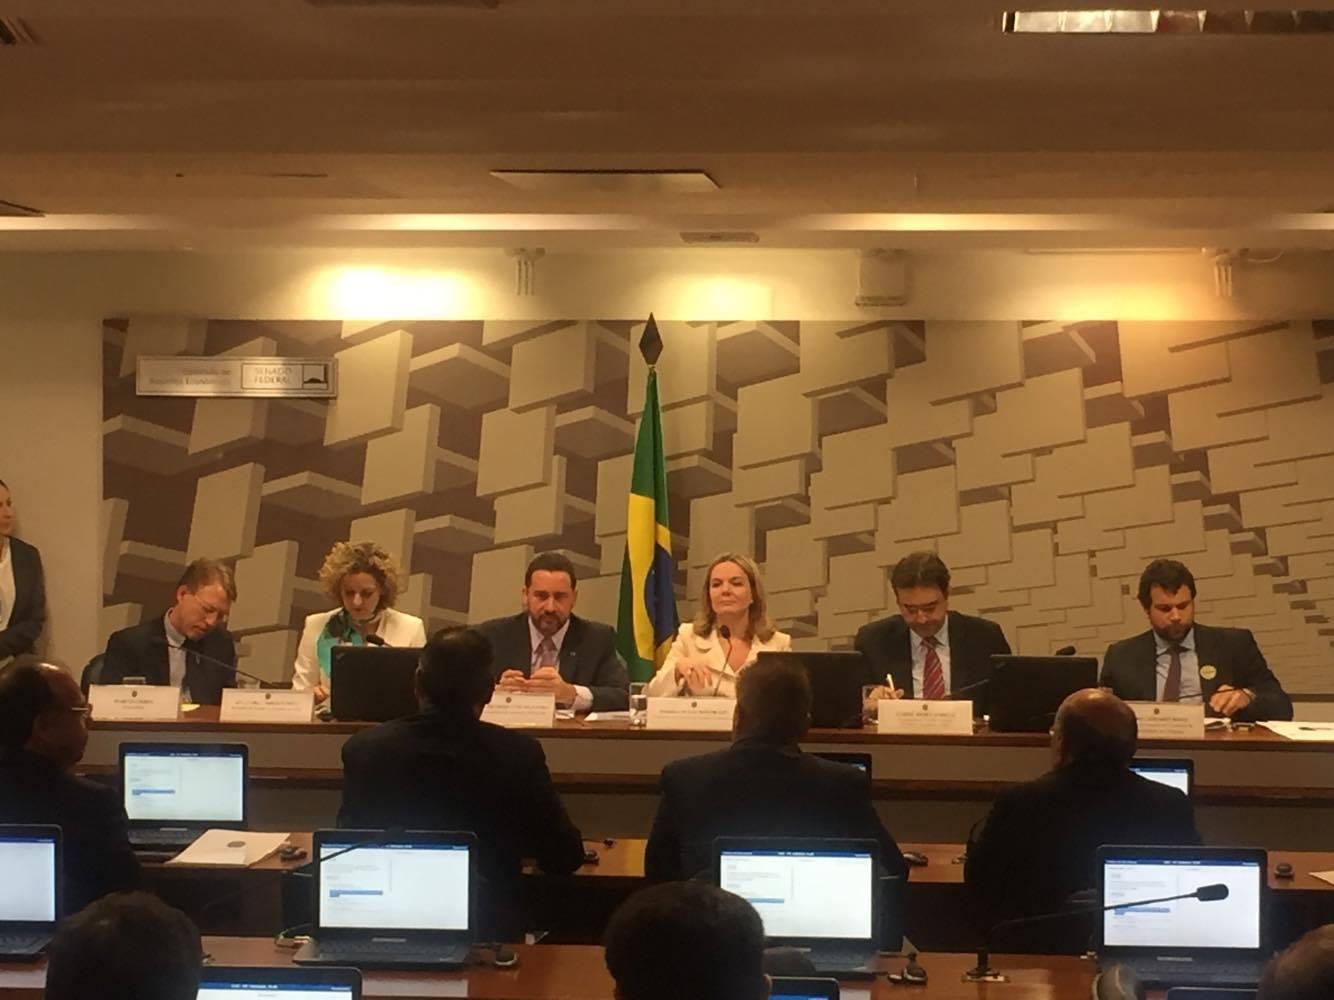 outor da Unicamp afirmou que PLP 257 compõe um conjunto de regras que engessa a autonomia dos estados, penalizando principalmente o servidor público